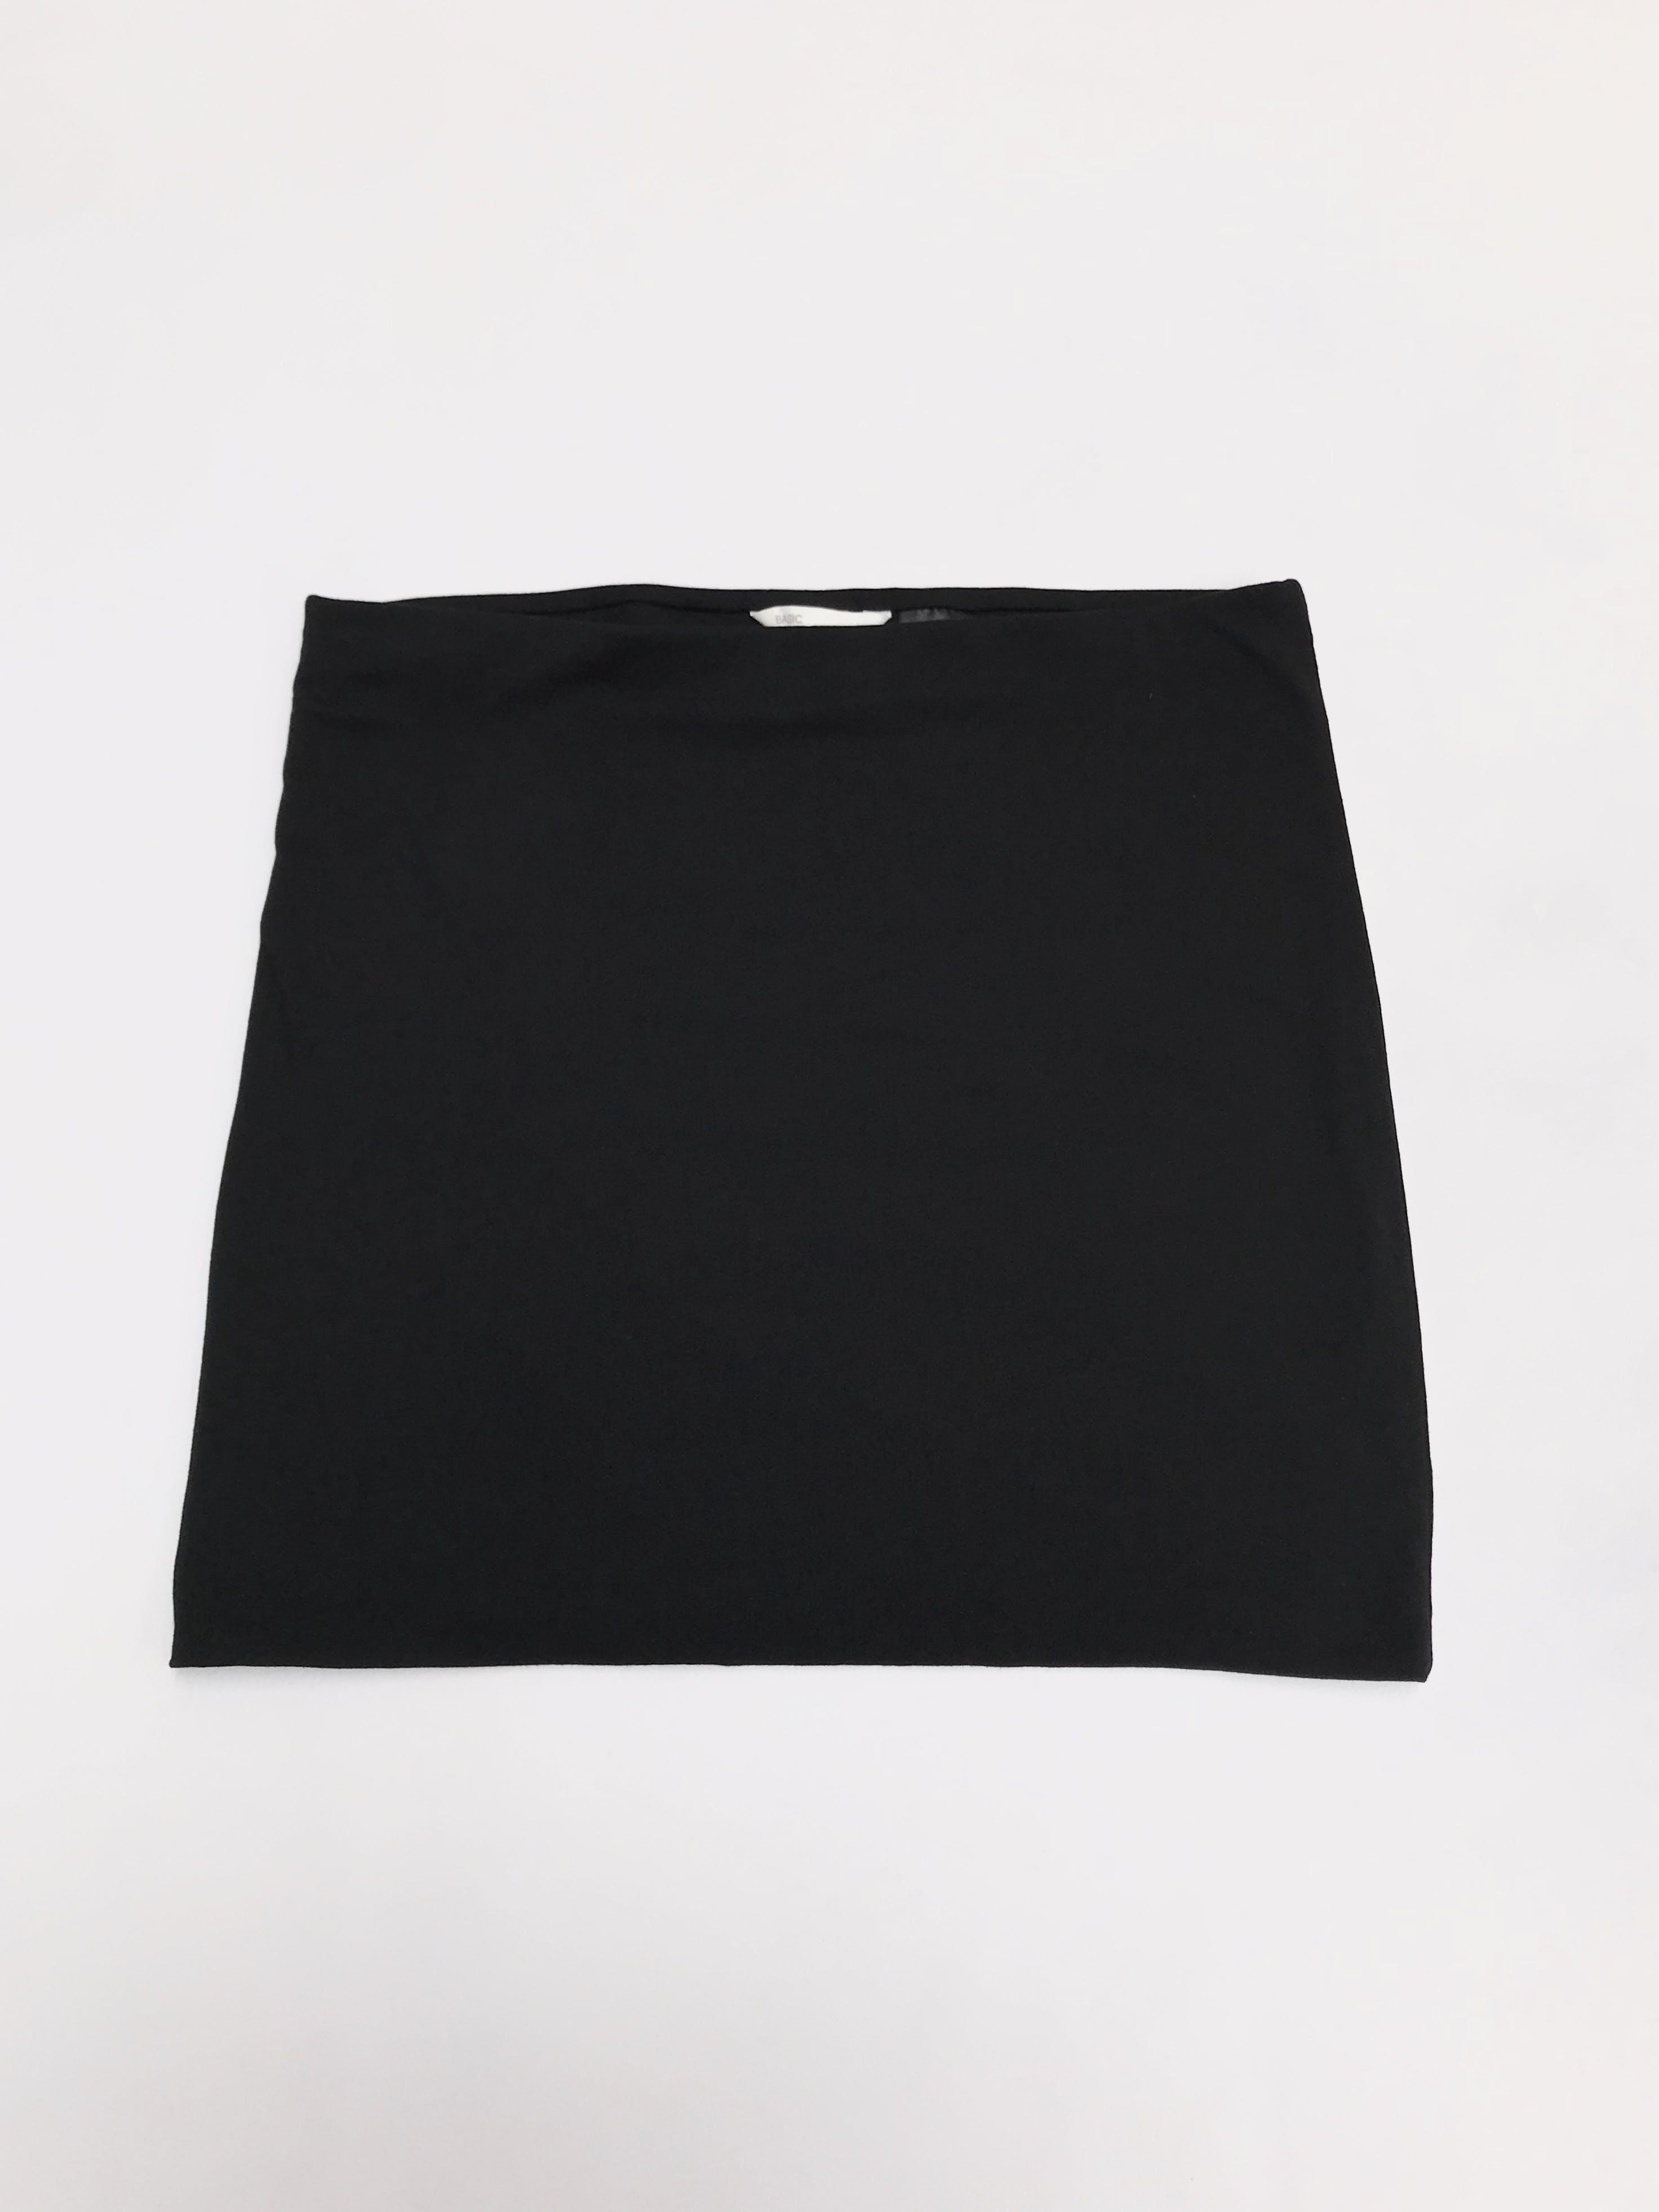 Falda H&M negra de dos capas de algodón ligeramente stretch y elástico en la cintura. Largo 40cm. ¡Básica en todo closet!